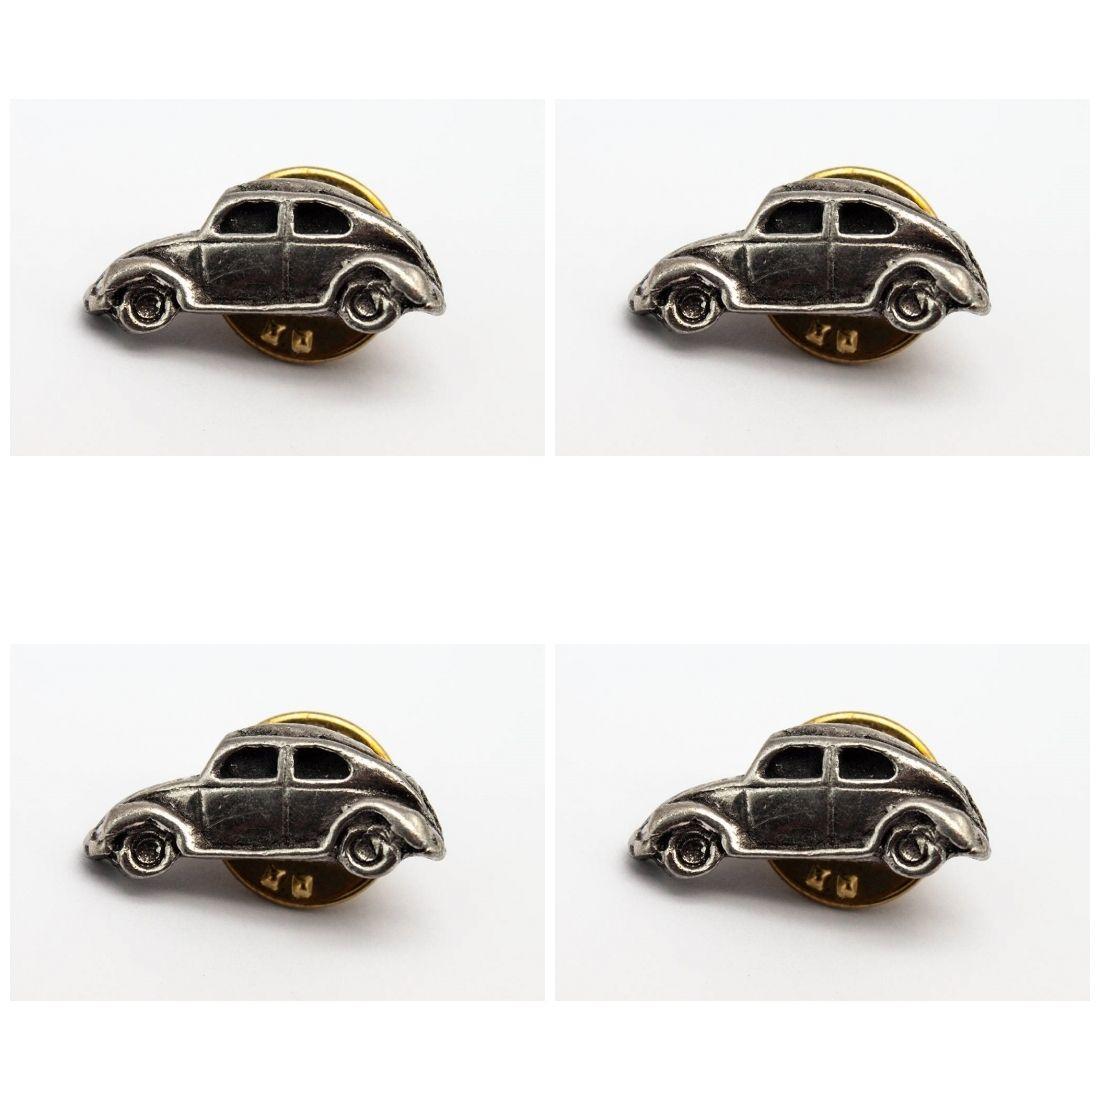 4x Pin Anstecker Badge Beetle Dach geschlossen